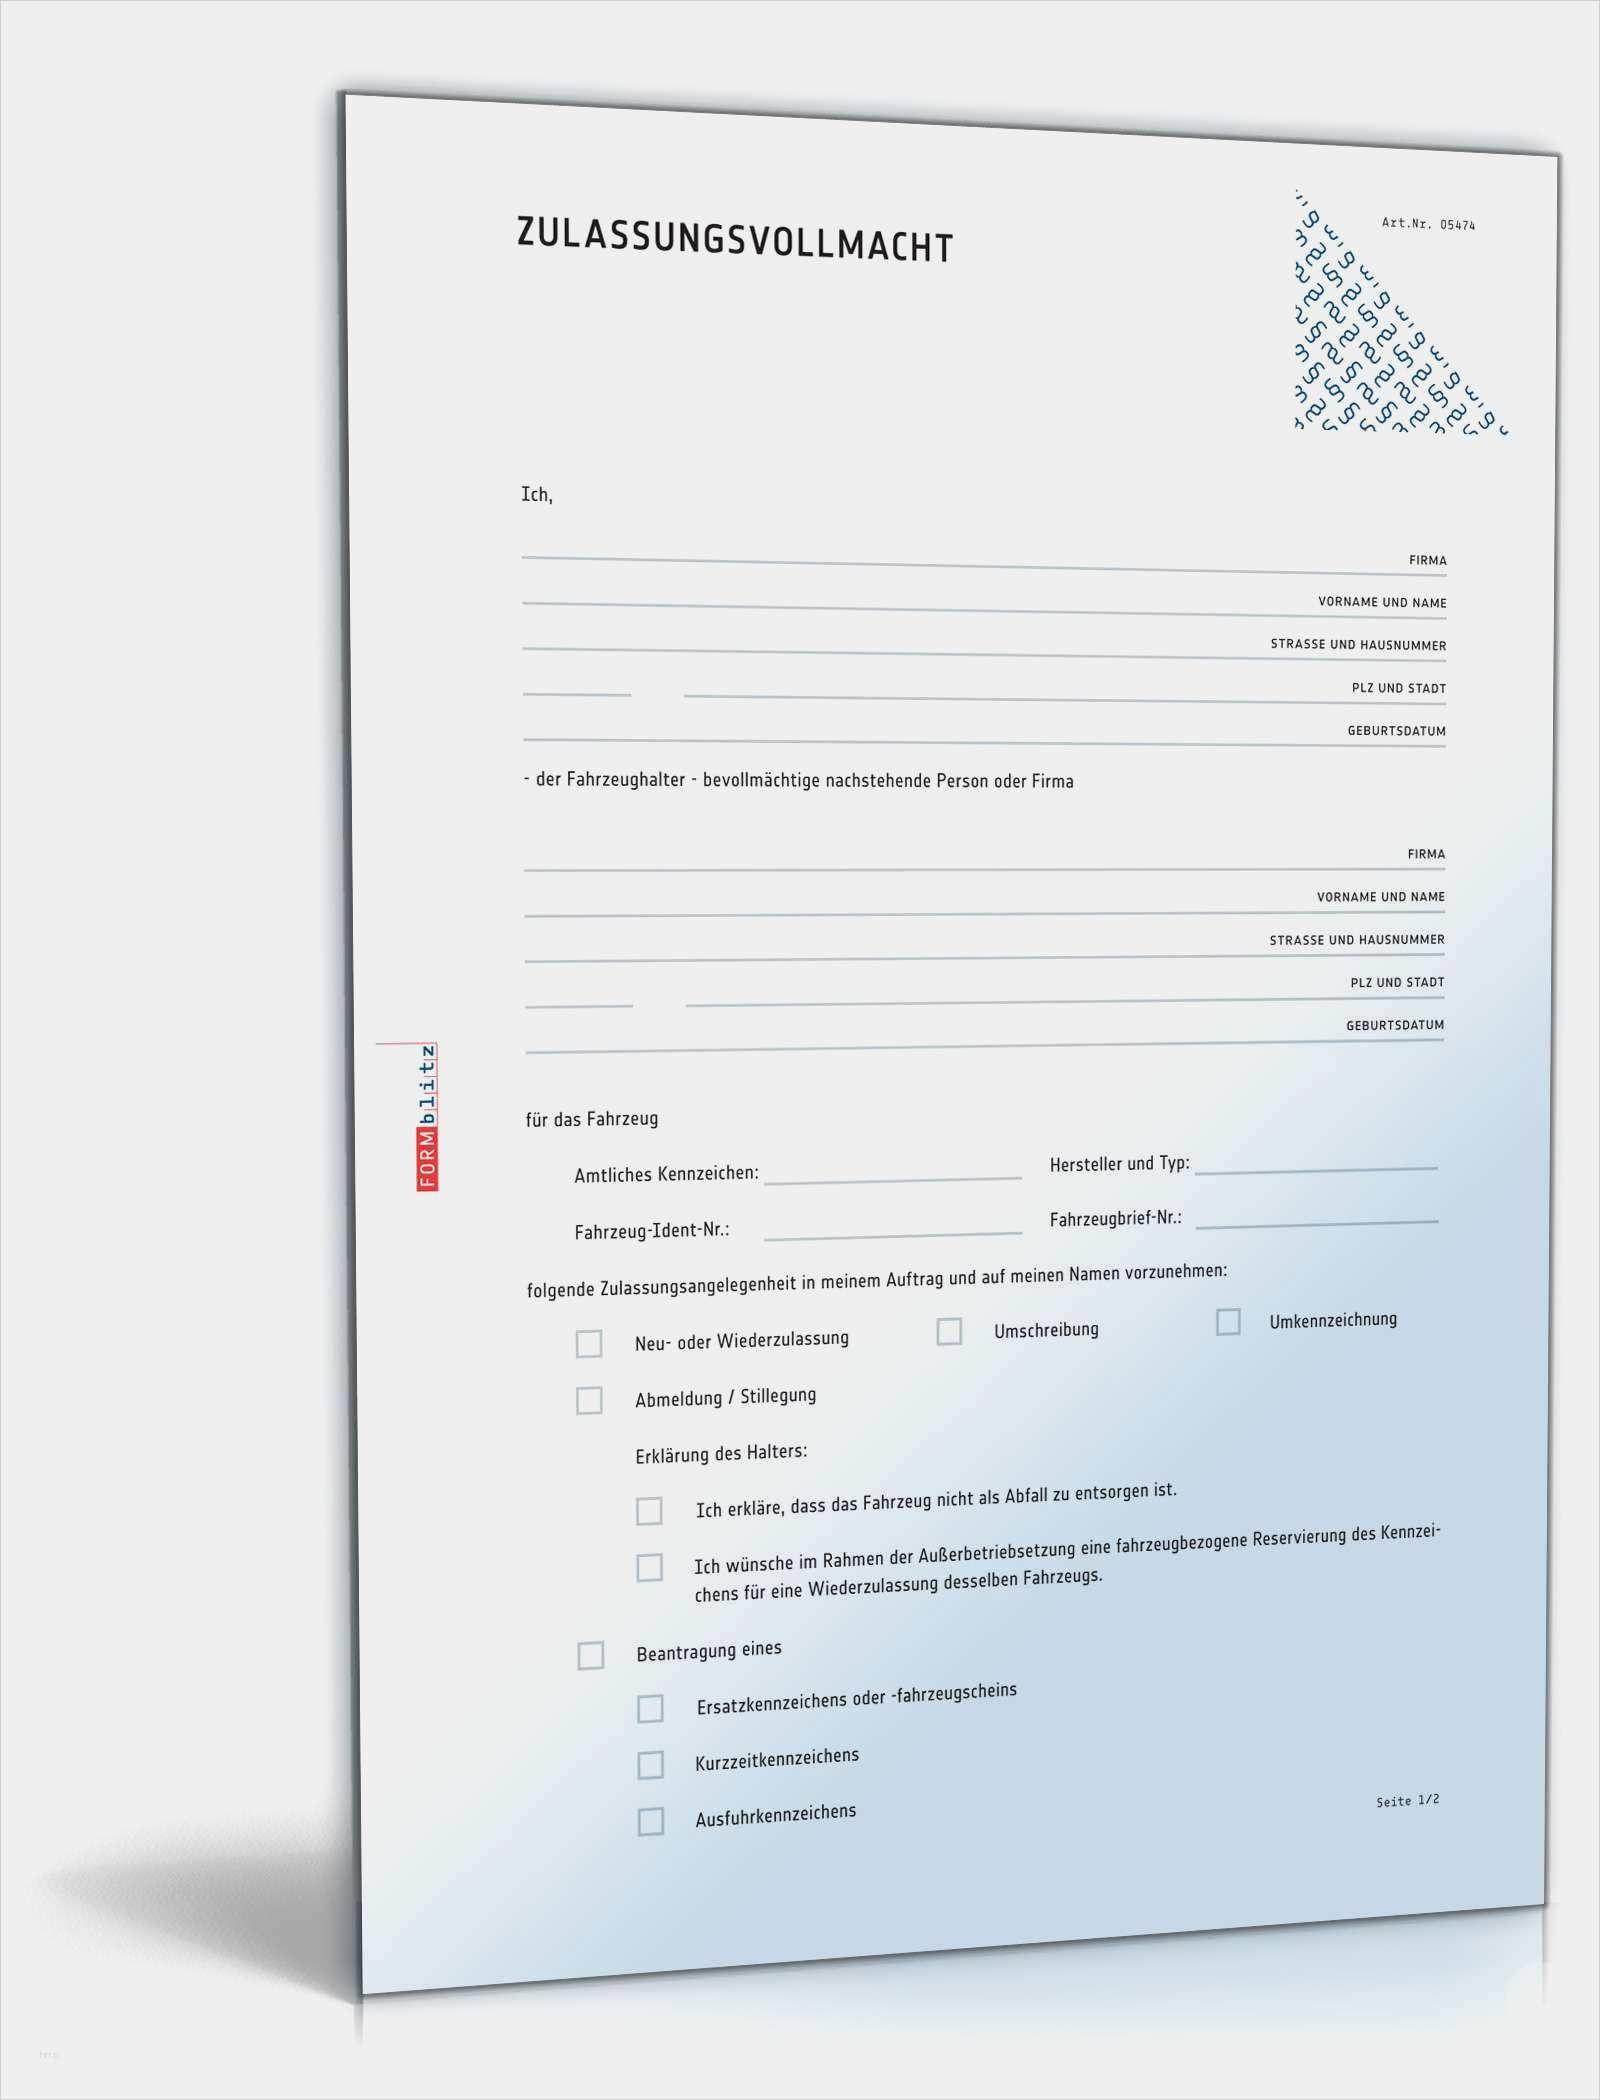 32 Bewundernswert Zulassung Vollmacht Vorlage Abbildung In 2020 Vorlagen Briefvorlagen Anschreiben Vorlage